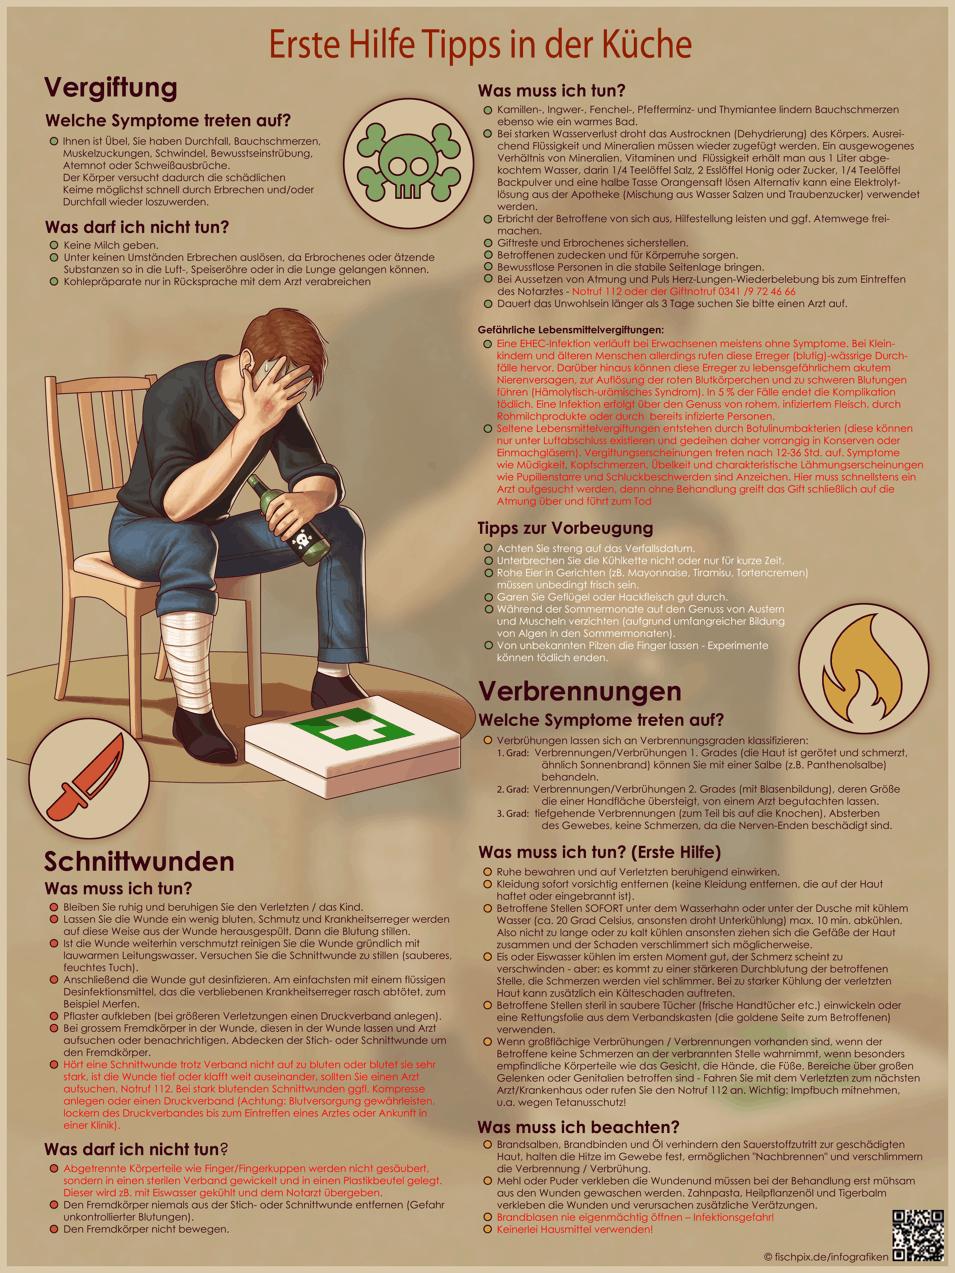 Verletzungen in der Küche: Wichtige Tipps zur Ersten Hilfe ...